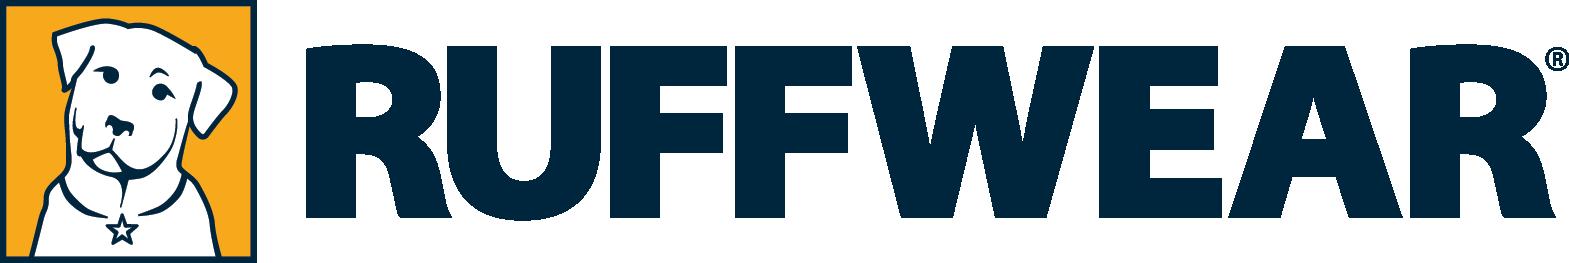 rw-logo-horiz-color-blue.png